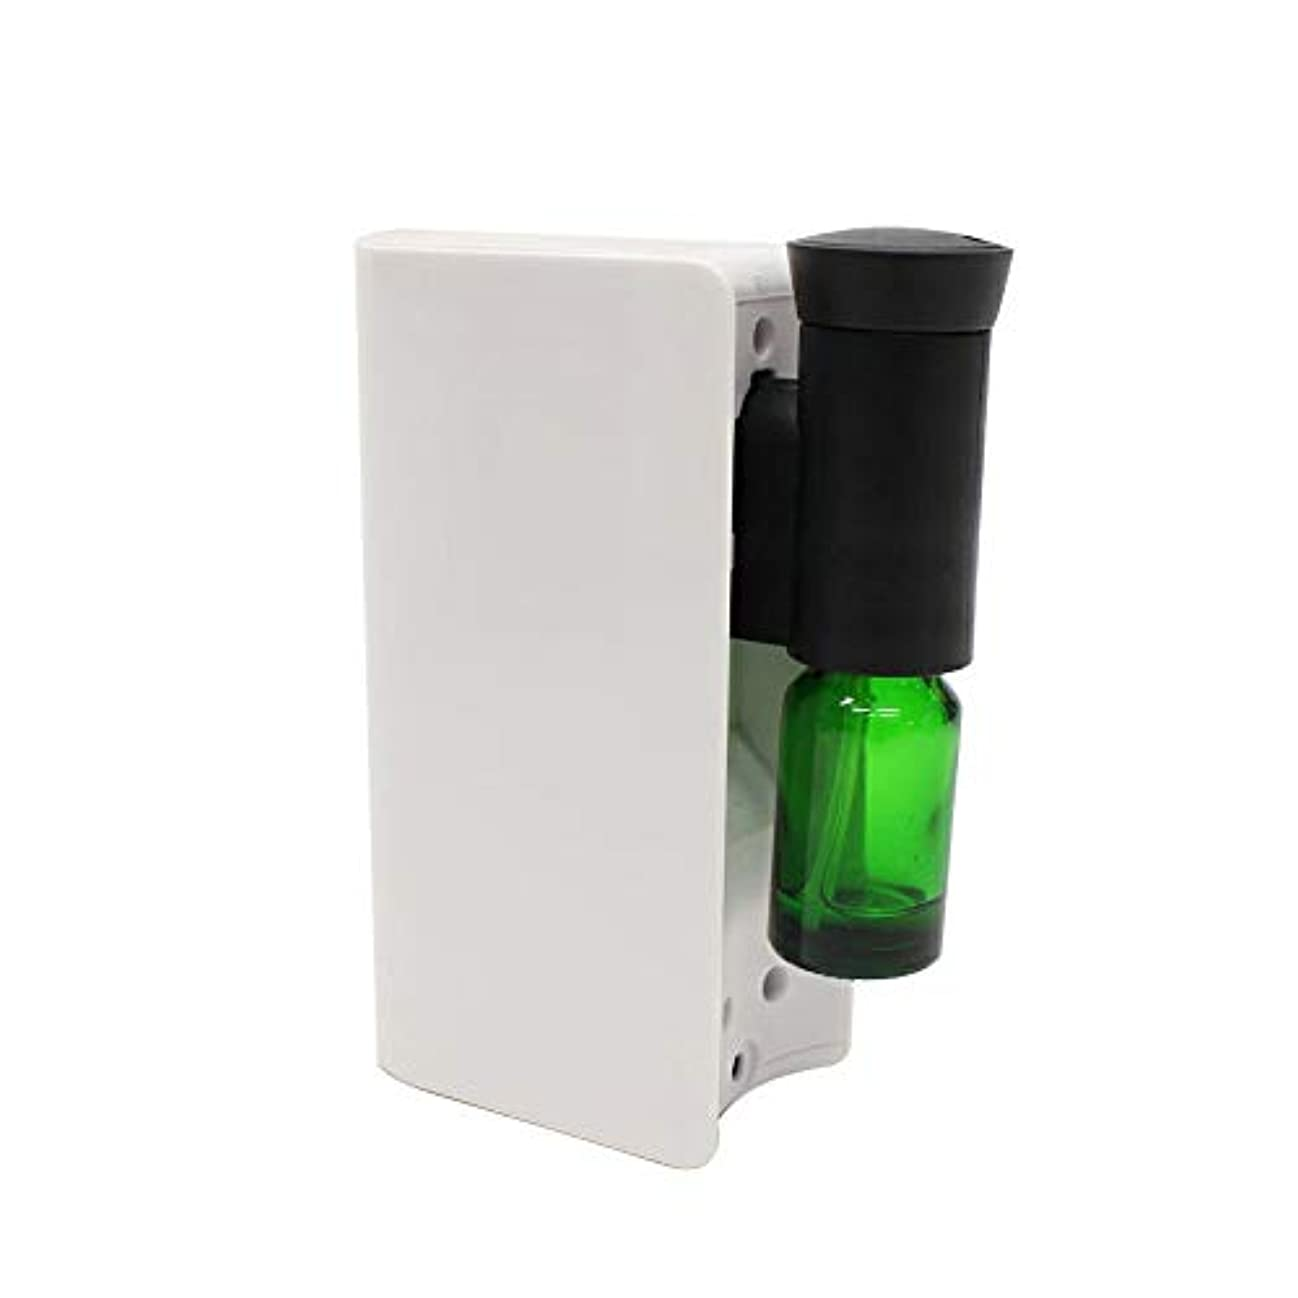 パイント嫉妬農場電池式アロマディフューザー 水を使わない ネブライザー式 アロマ ディフューザー アロマオイル対応 自動停止 ECOモード搭載 コンパクト 香り 癒し シンプル ホワイト